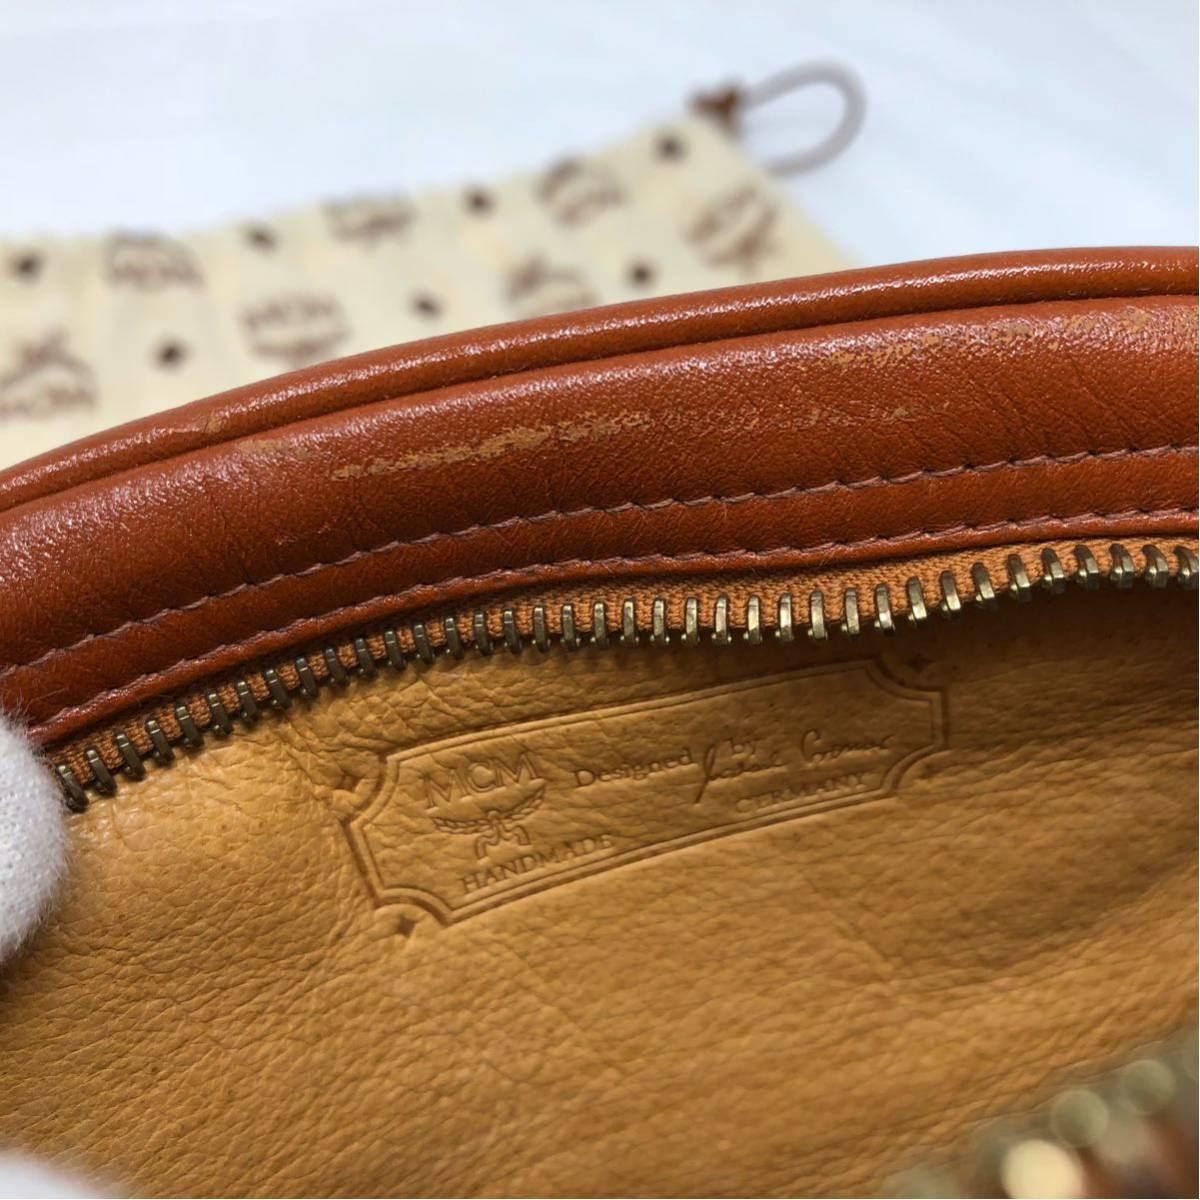 良品 MCM エムシーエム ショルダーバッグ 鞄 レザー 斜めかけ 正規品_画像6